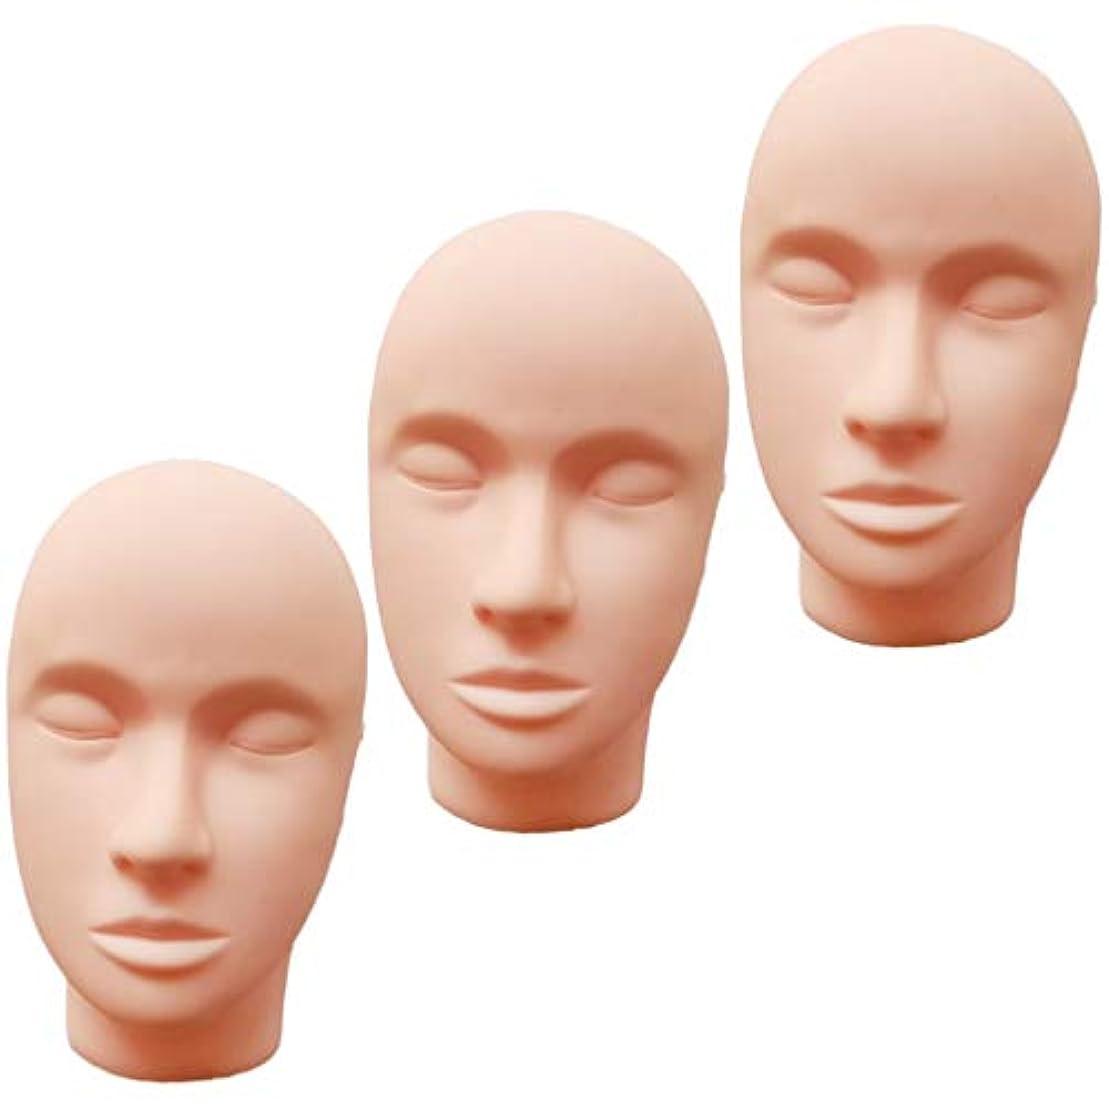 偶然重要な香港T TOOYFUL ヘッドマネキン メイク練習用 モデル 化粧 フェイス メイクアップ まつげエクステ 繰り返し利用